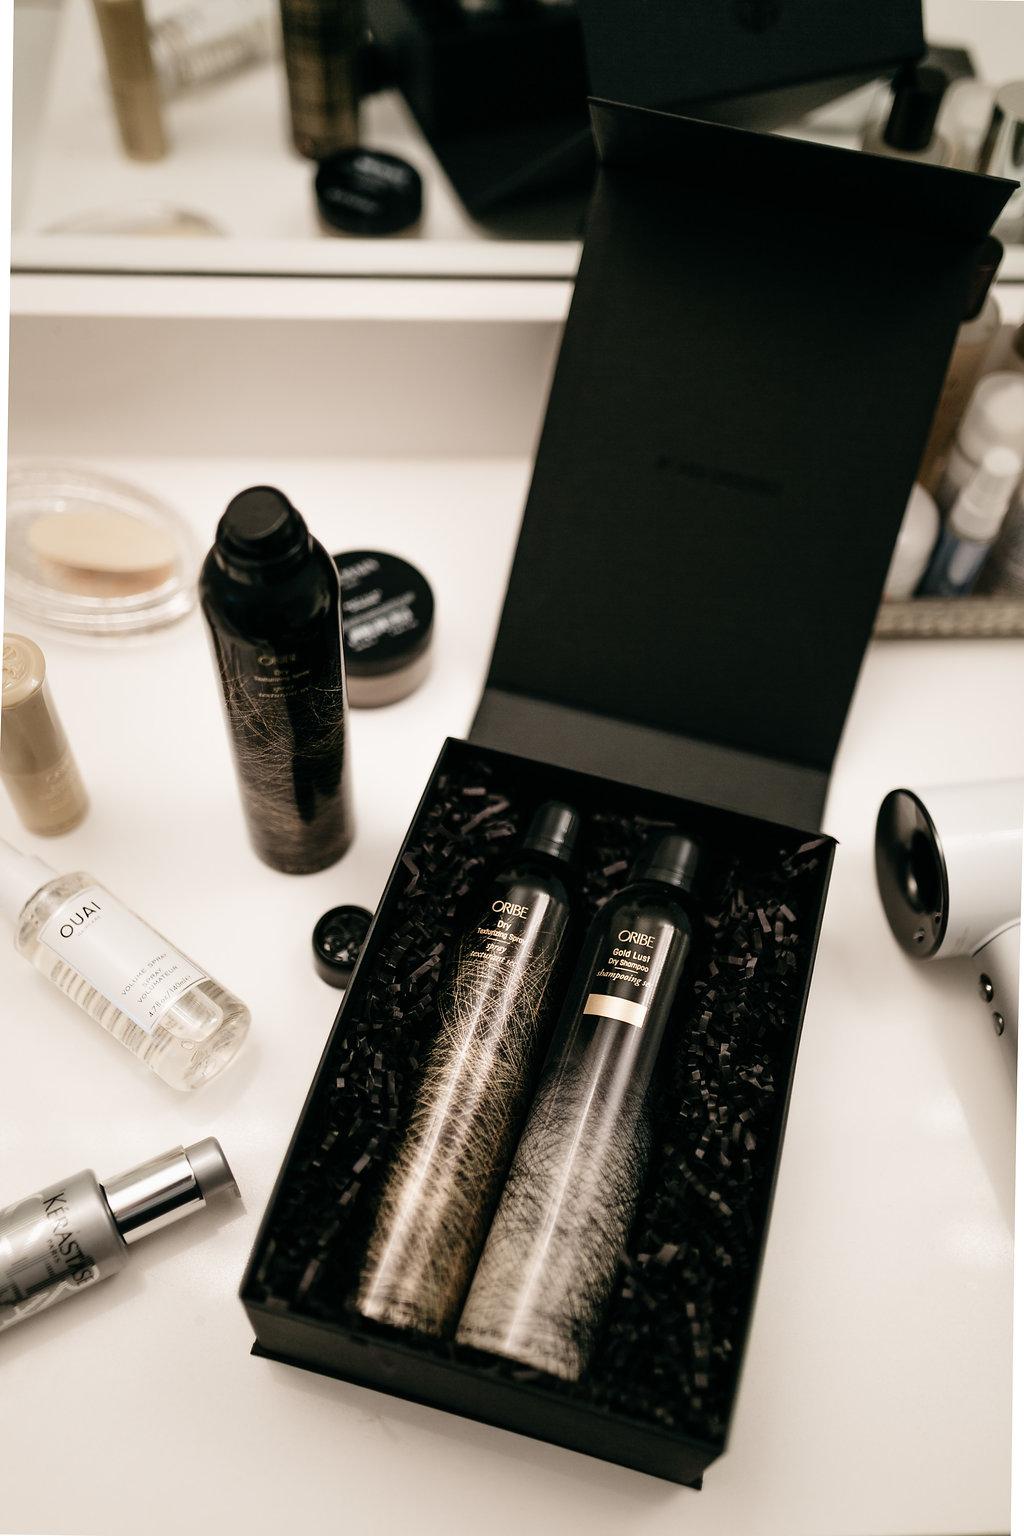 Oribe Dry Texturizing Spray - One Small Blonde